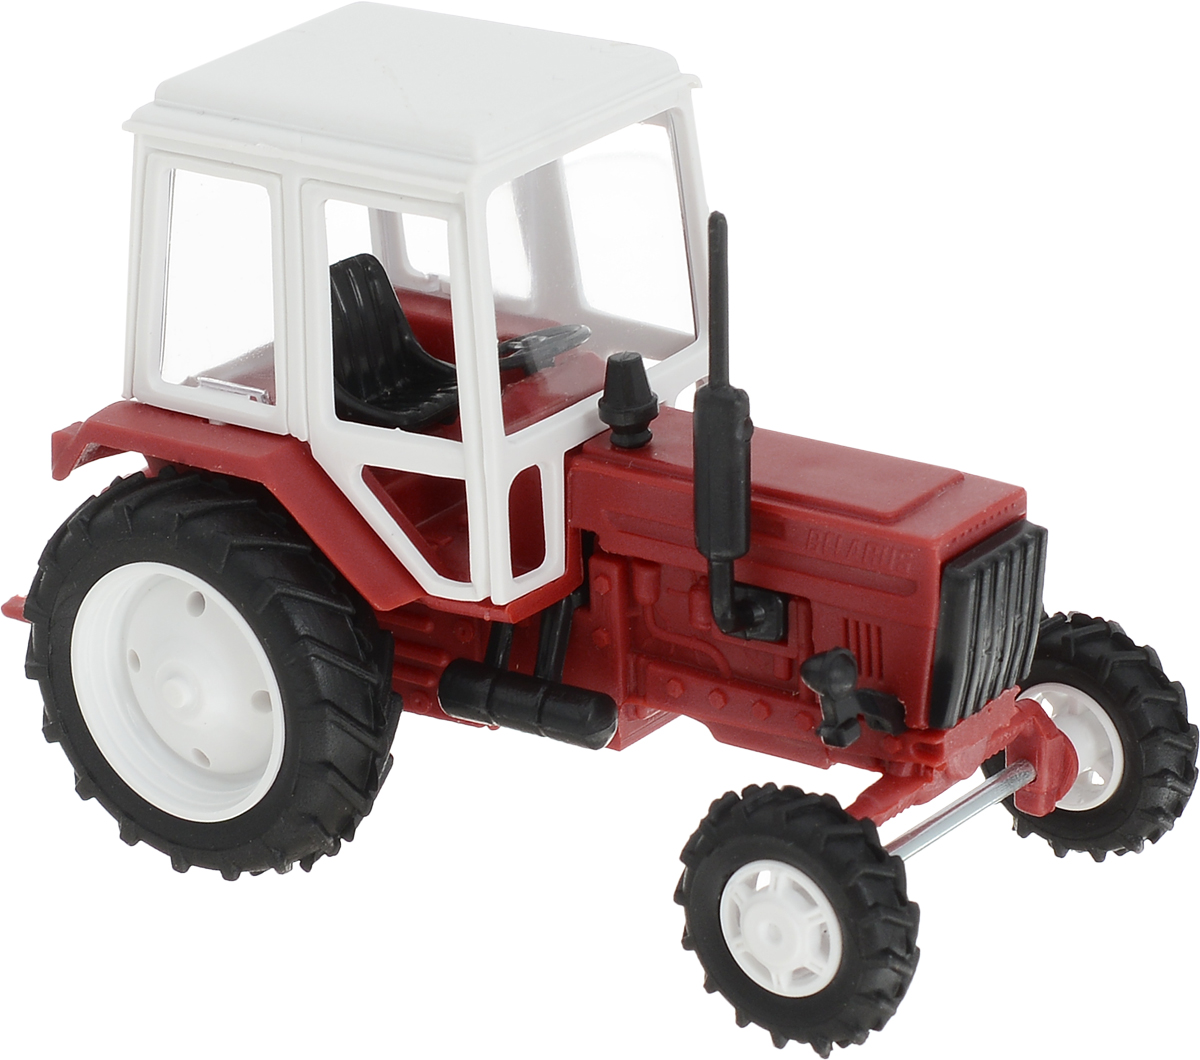 Мир отечественных моделей Трактор МТЗ-82 цвет красный мир отечественных моделей трактор мтз 82 с прицепом